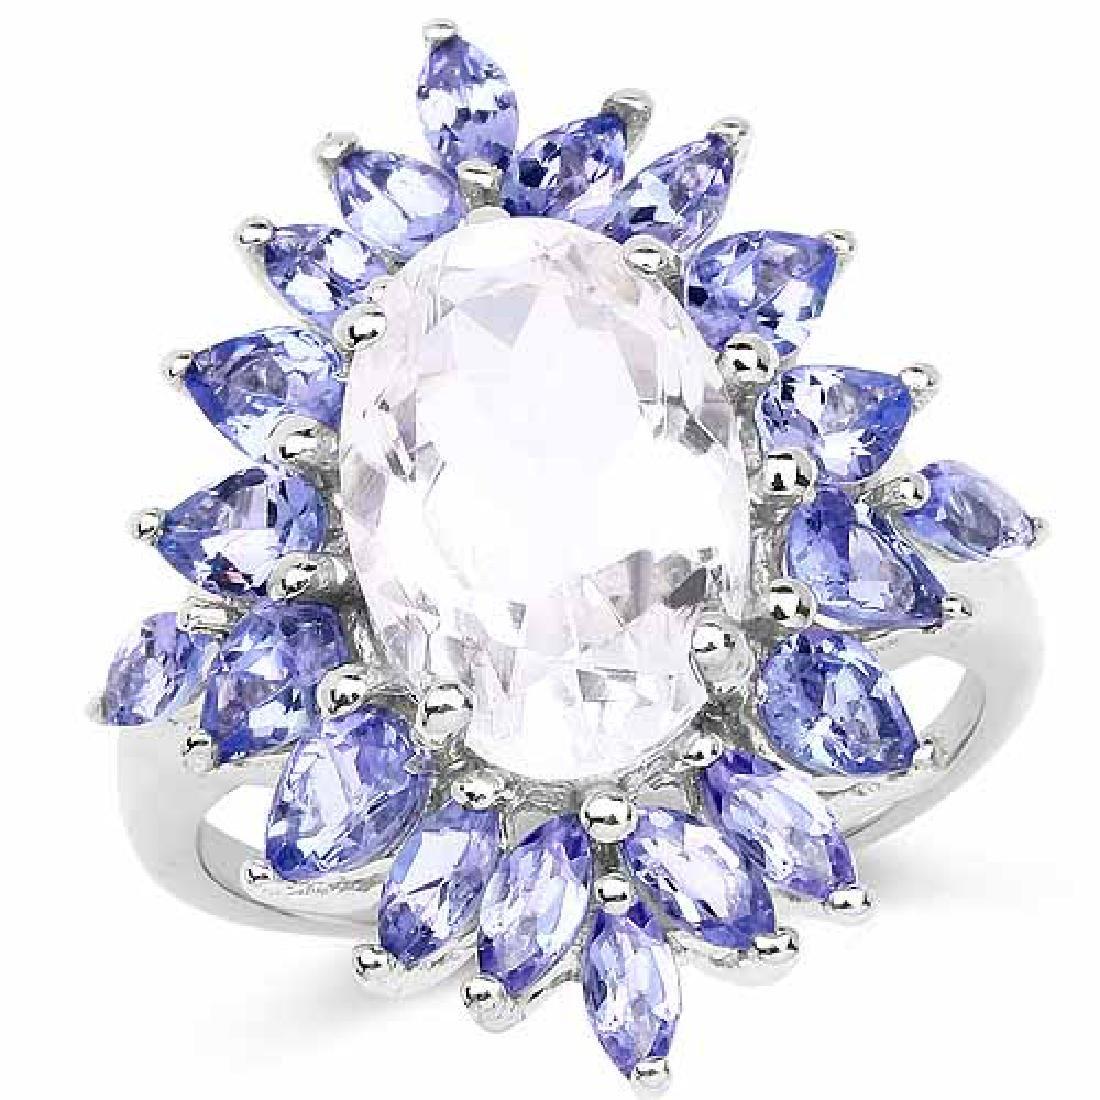 5.88 Carat Genuine Crystal Quartz and Tanzanite .925 St